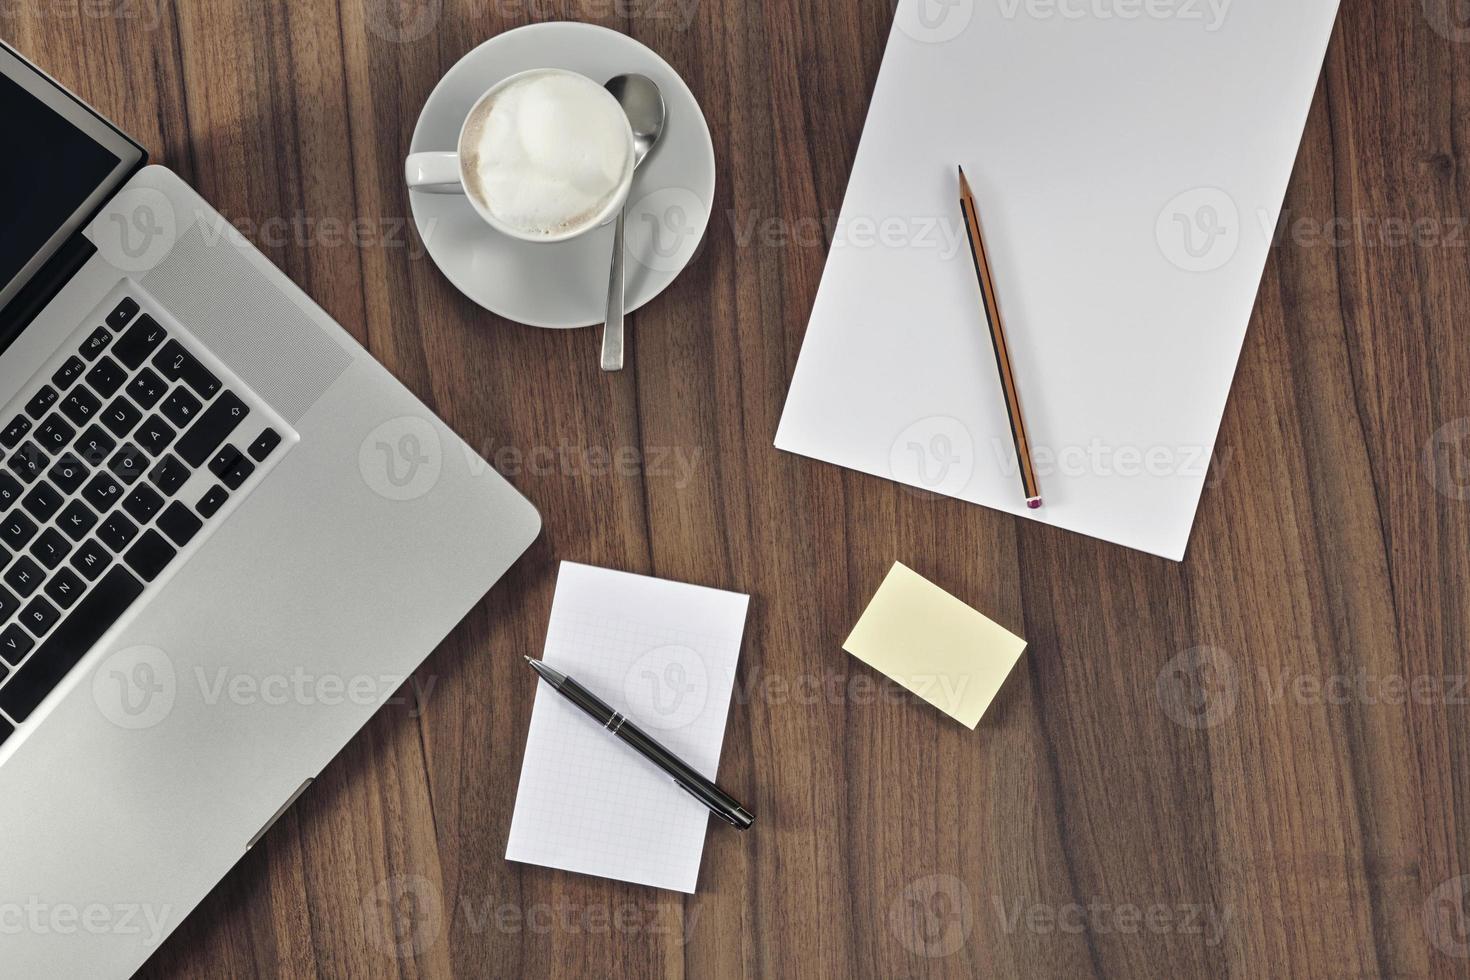 bureau met documenten foto